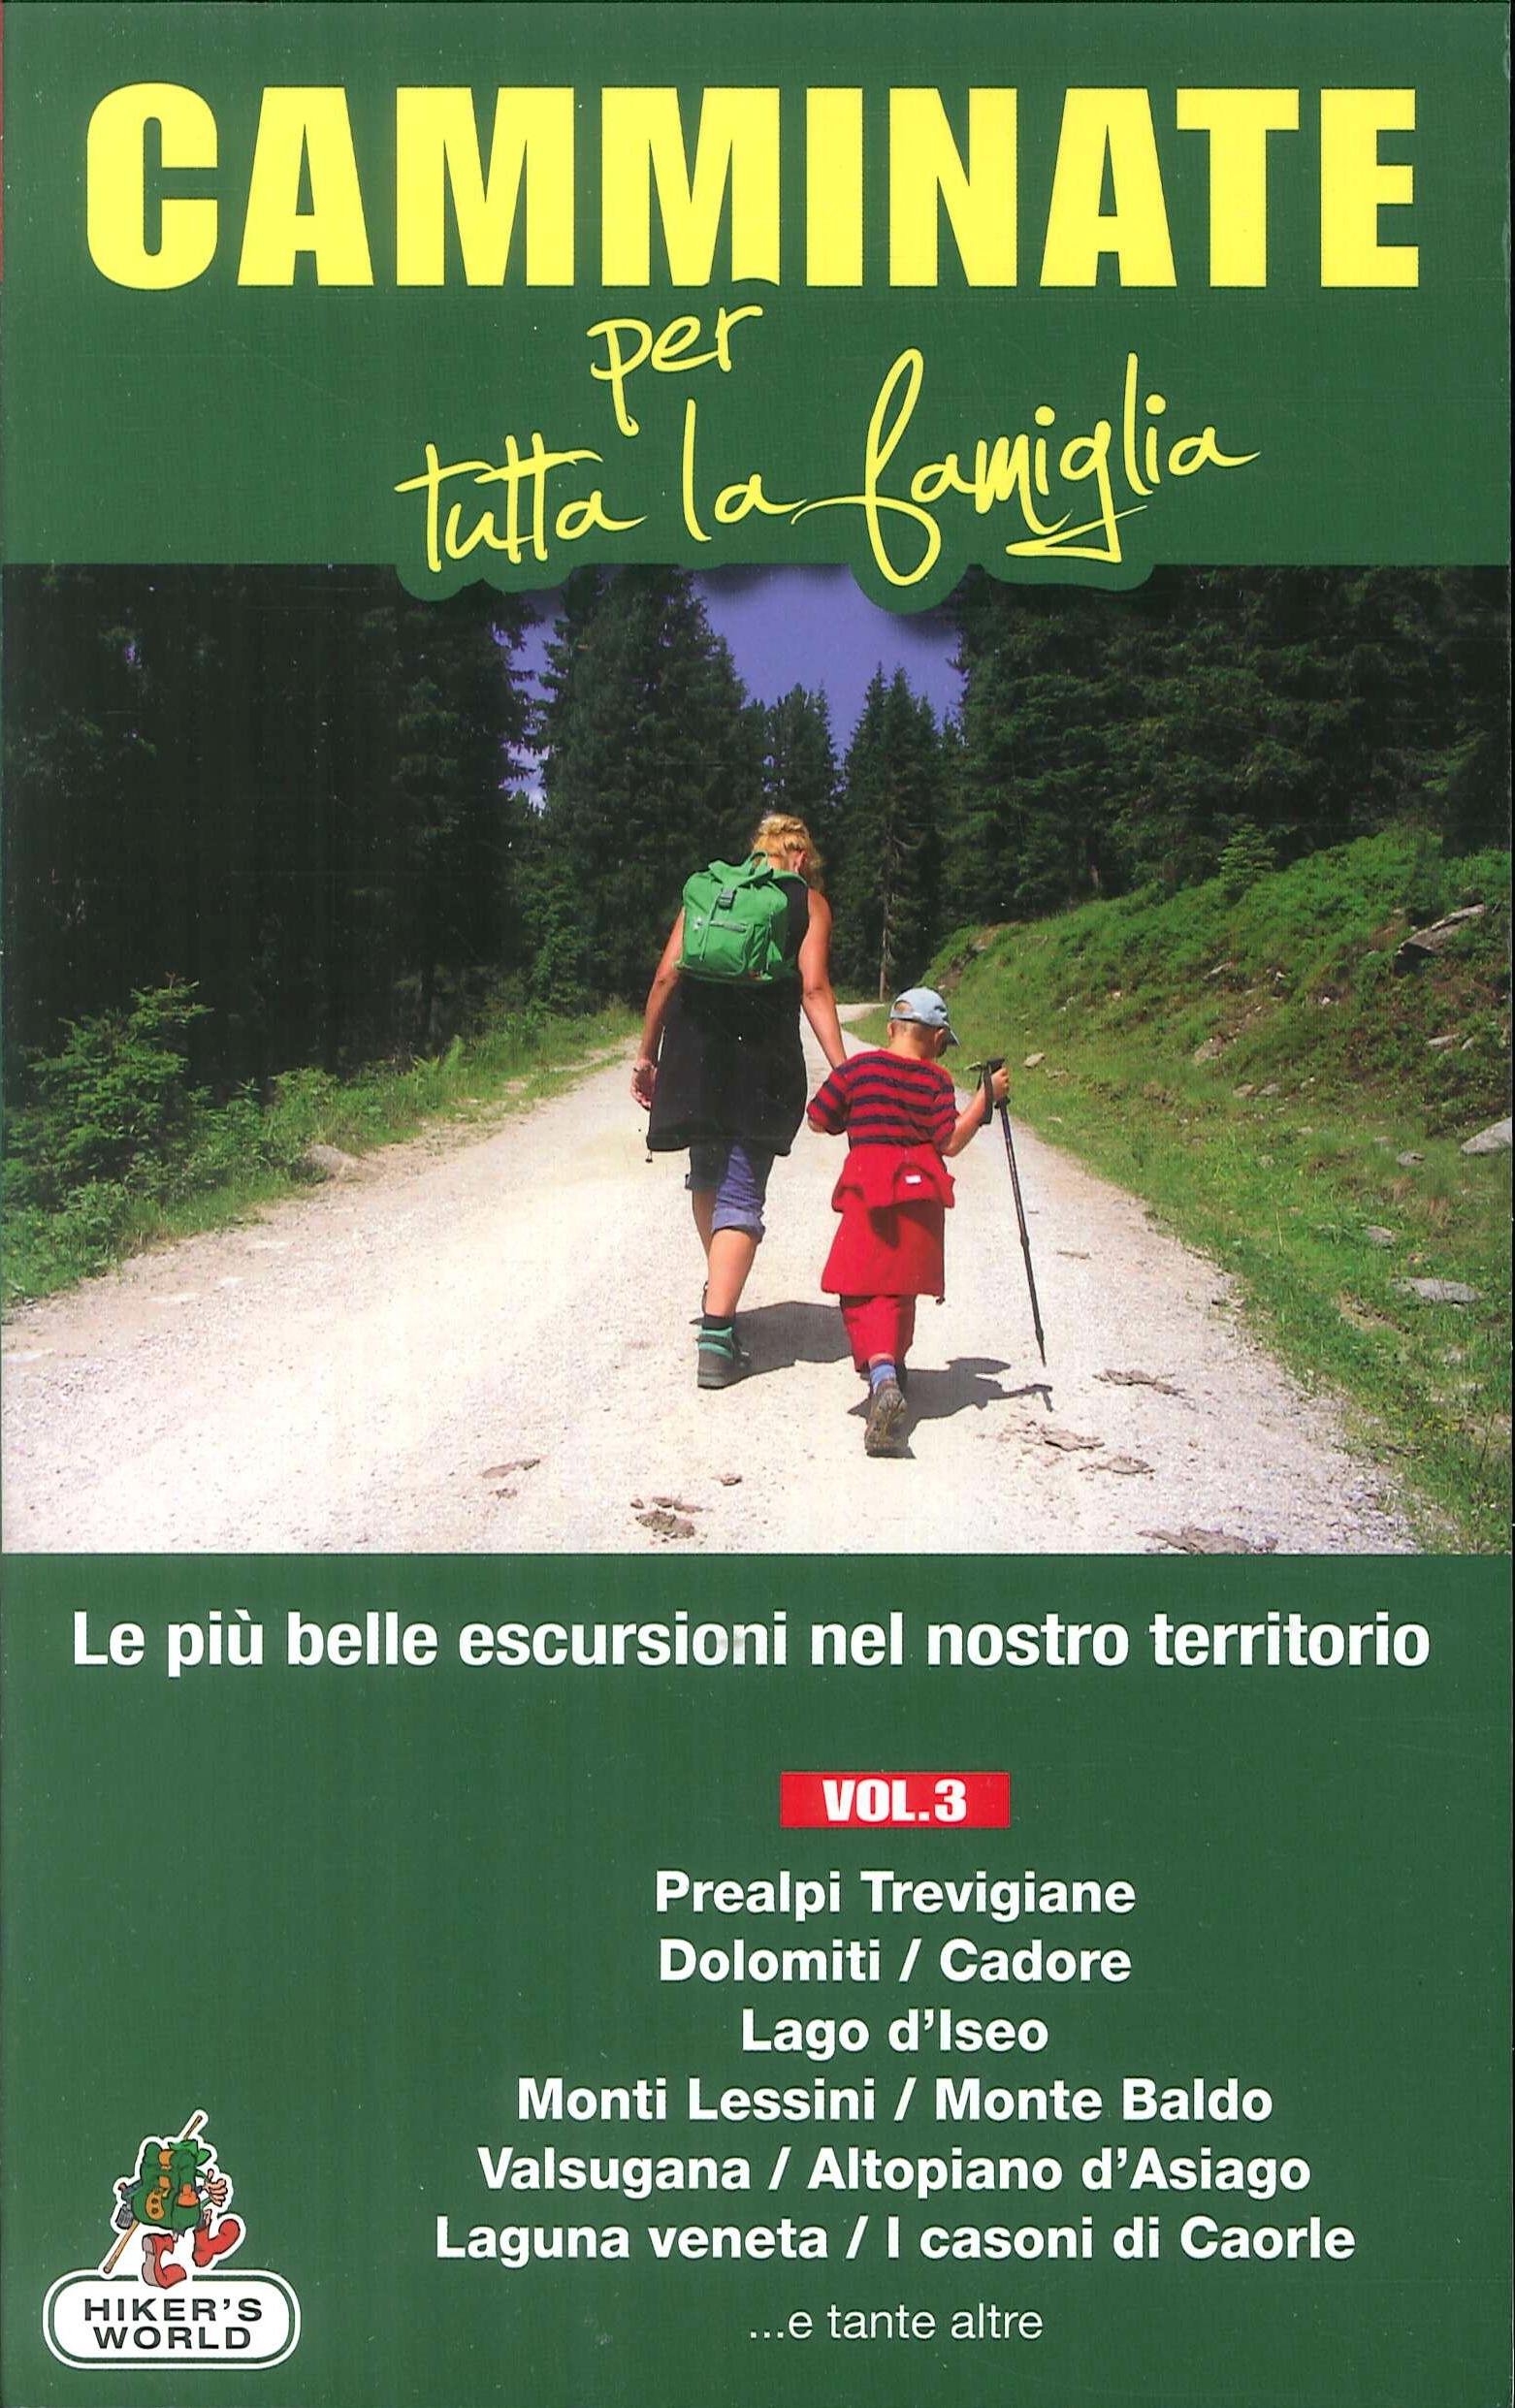 Camminate per tutta la famiglia. Vol. 3: Prealpi Trevigiane, Dolomiti, Cadore, Lago d'Iseo, Monti Lessini, Monte Baldo, Valsugana....